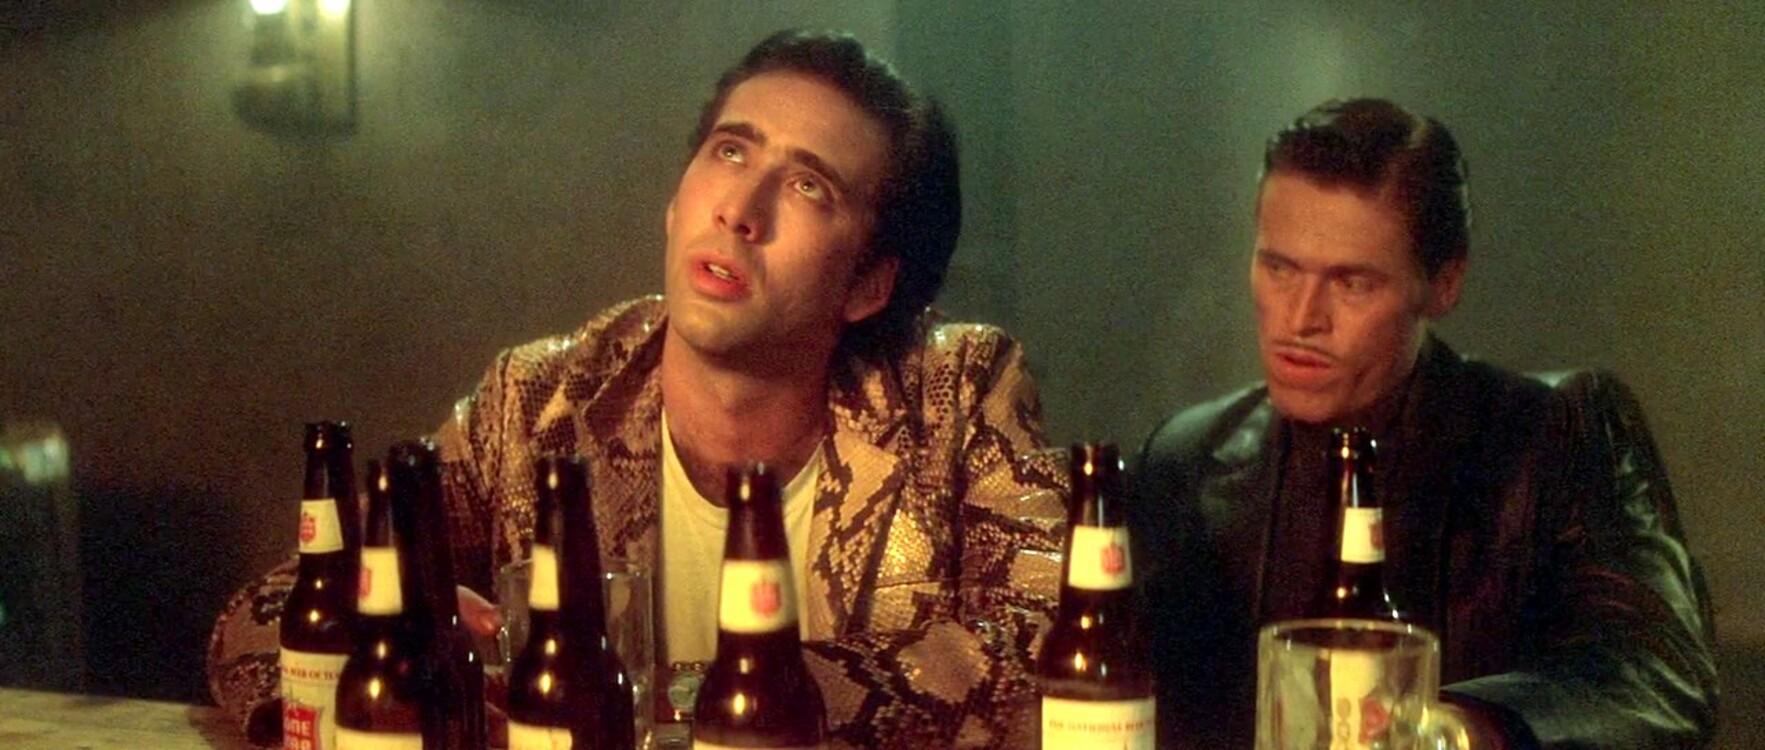 Ніколас Кейдж та Віллем Дефо у фільмі «Дикі серцем», 1990